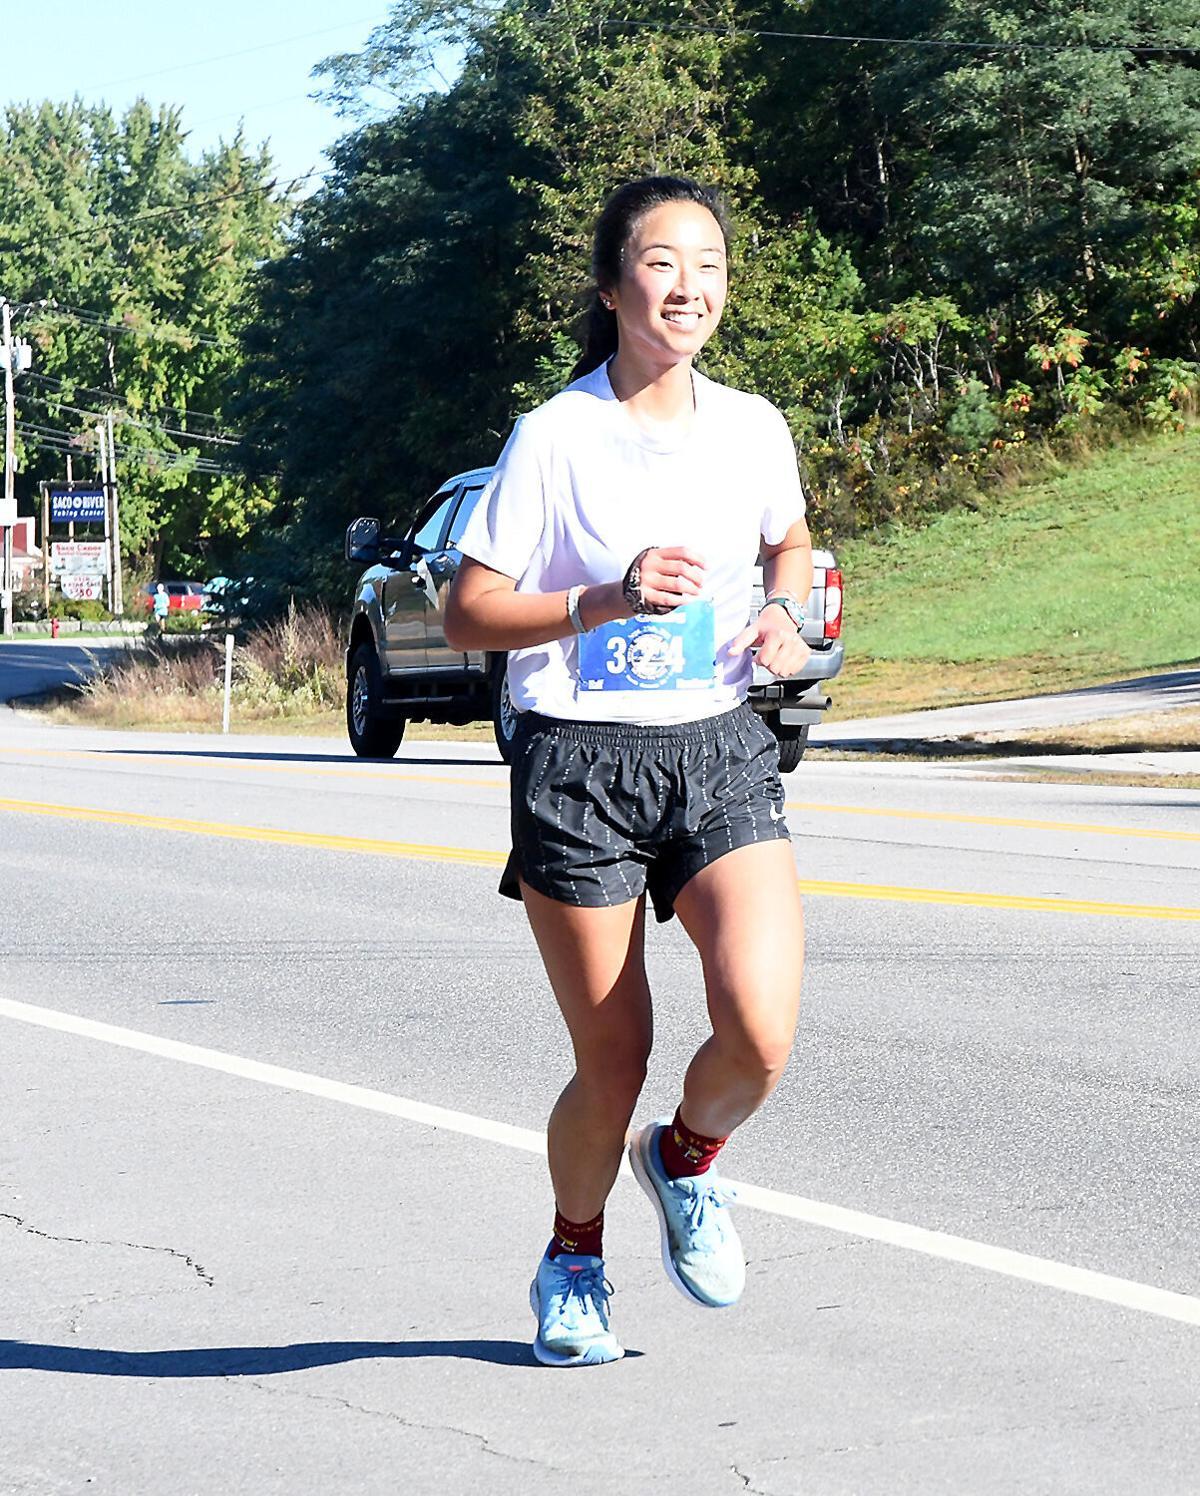 Half Marathon - Grace Blinkoff of Eaton